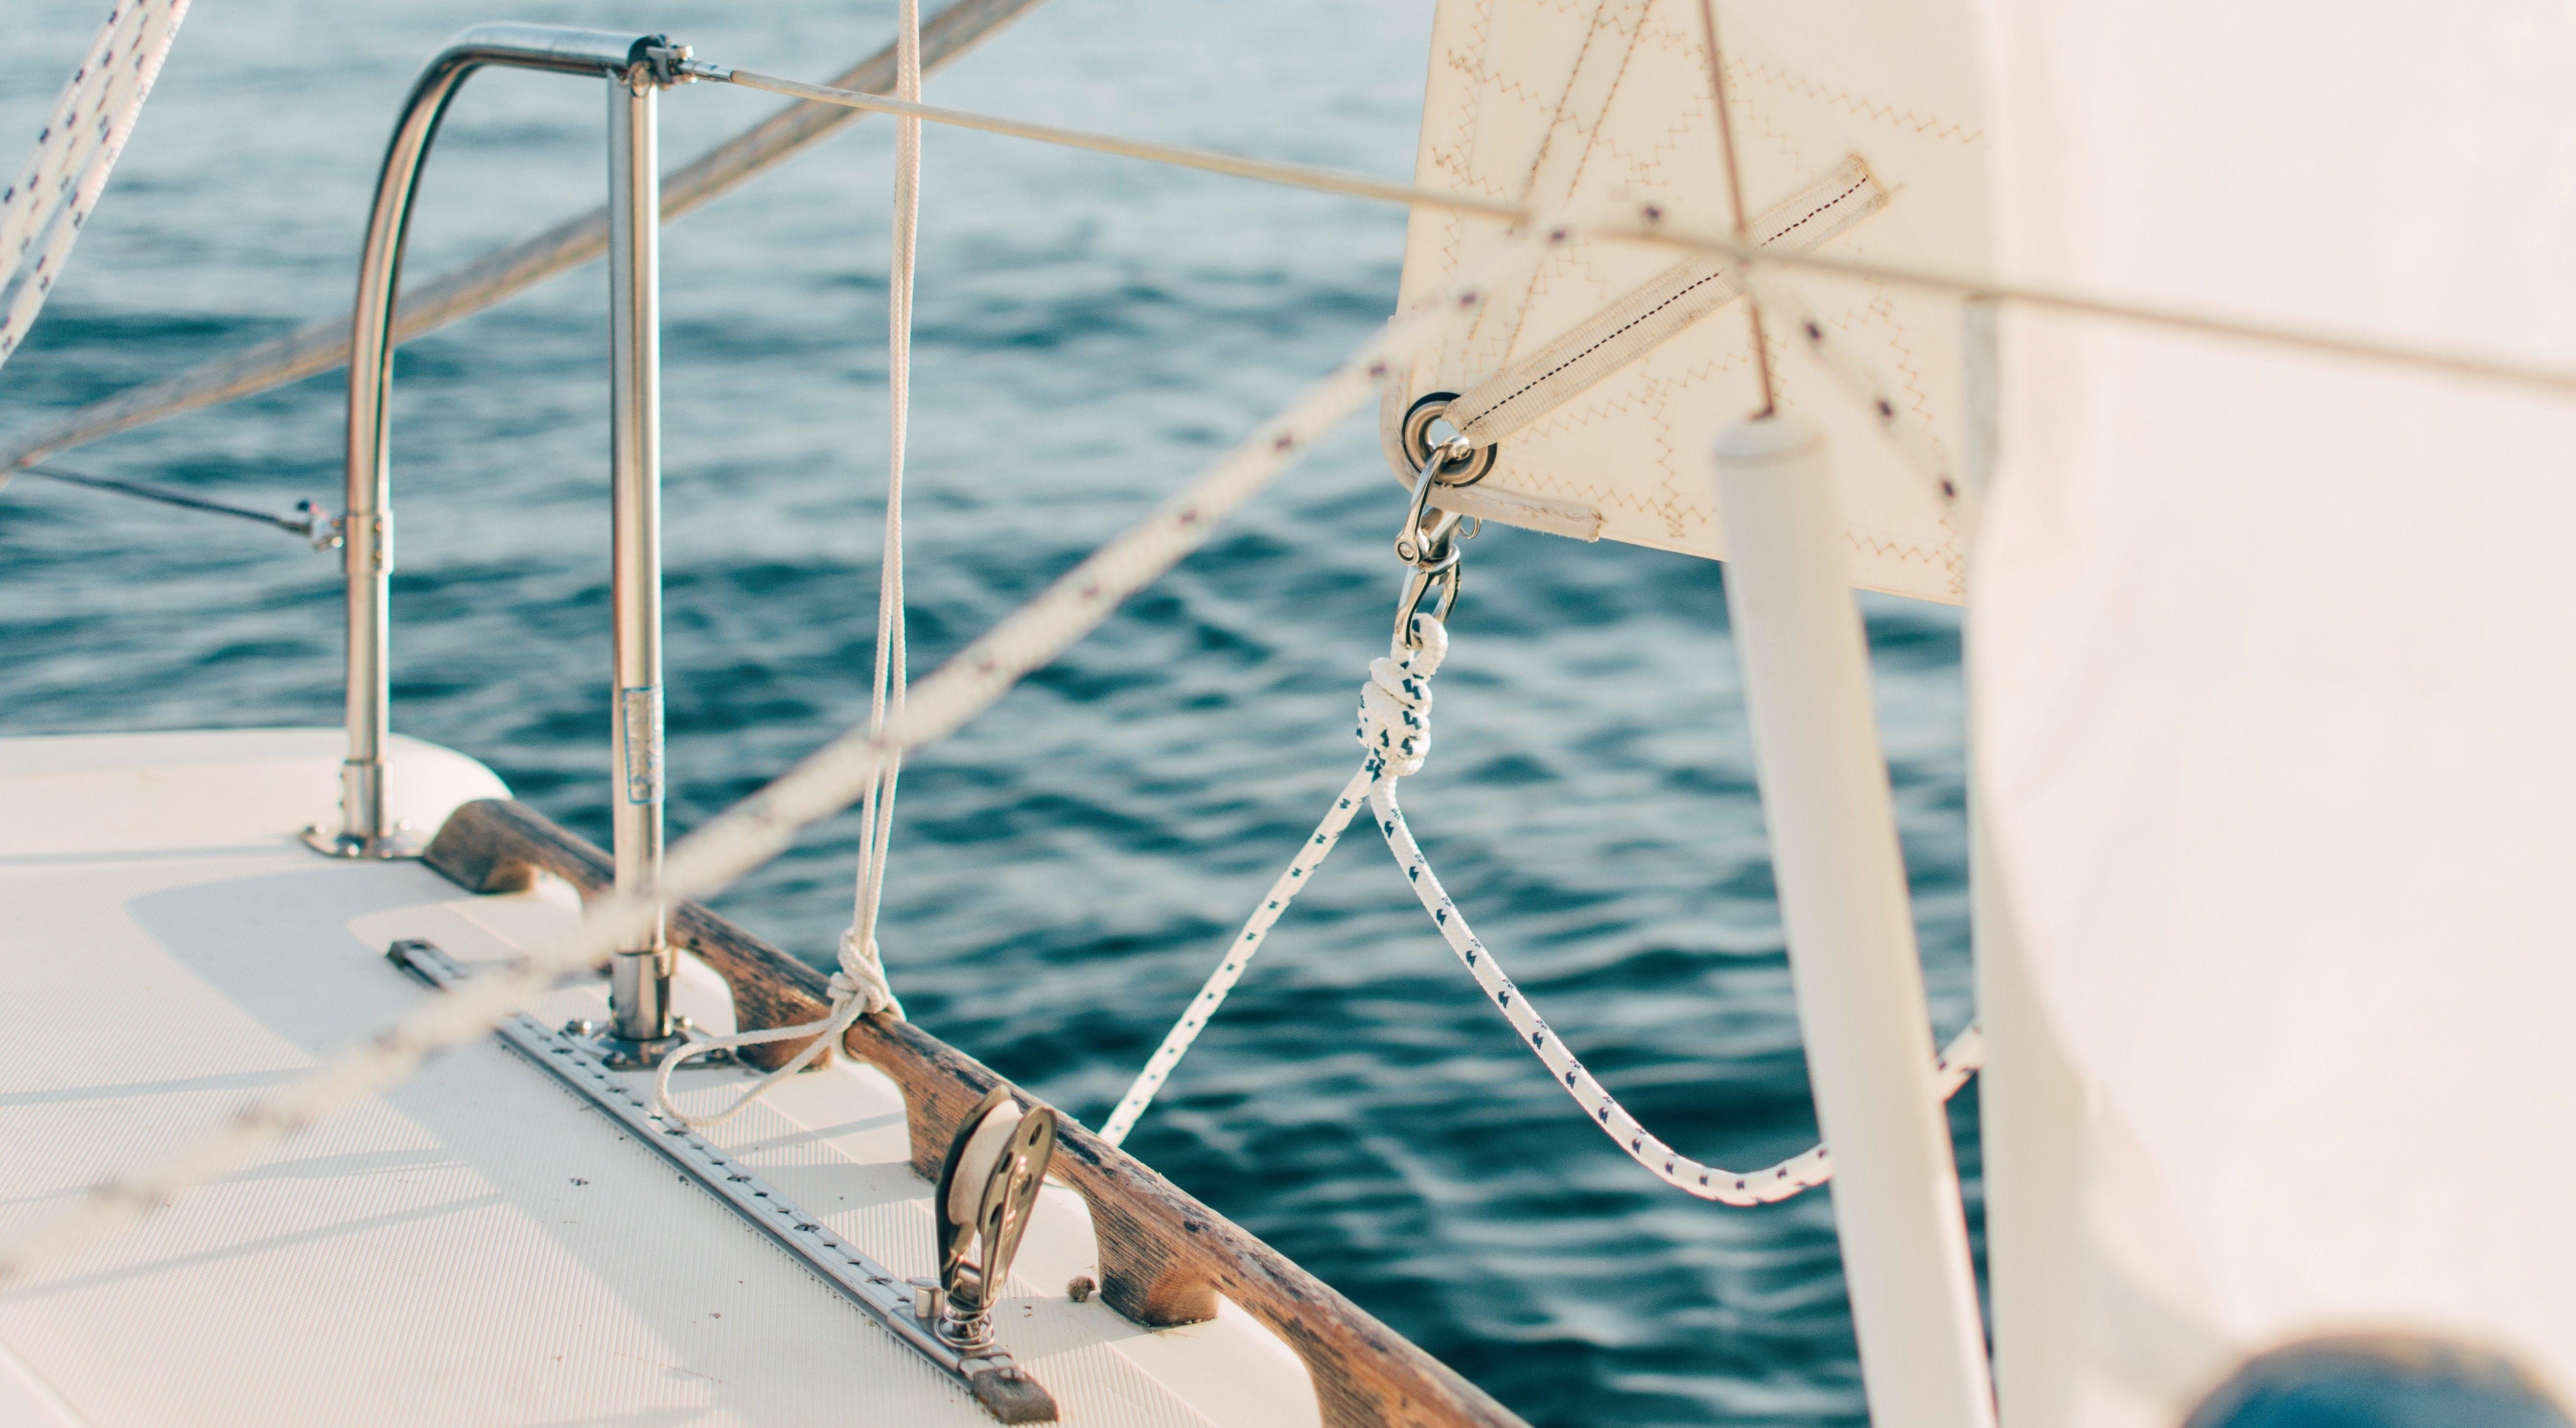 Luxury Boat Gold Coast